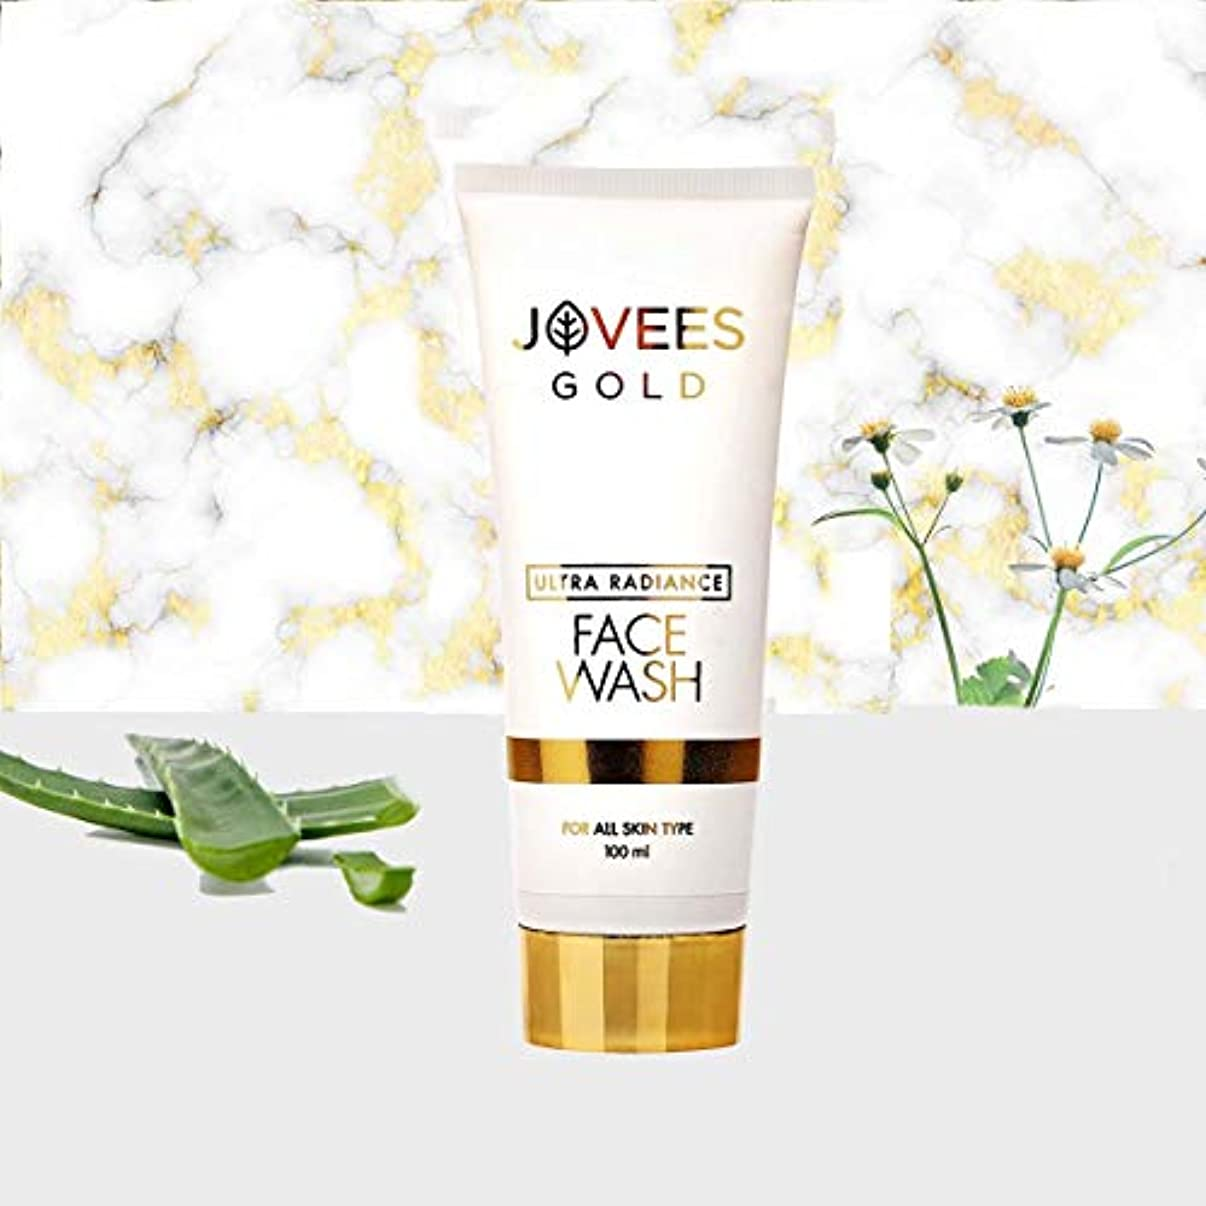 並外れて九伝説Jovees Ultra Radiance 24K Gold Face Wash 100ml to help bring glow and radiance 輝きと輝きをもたらすのを助けるためにJovees Ultra...